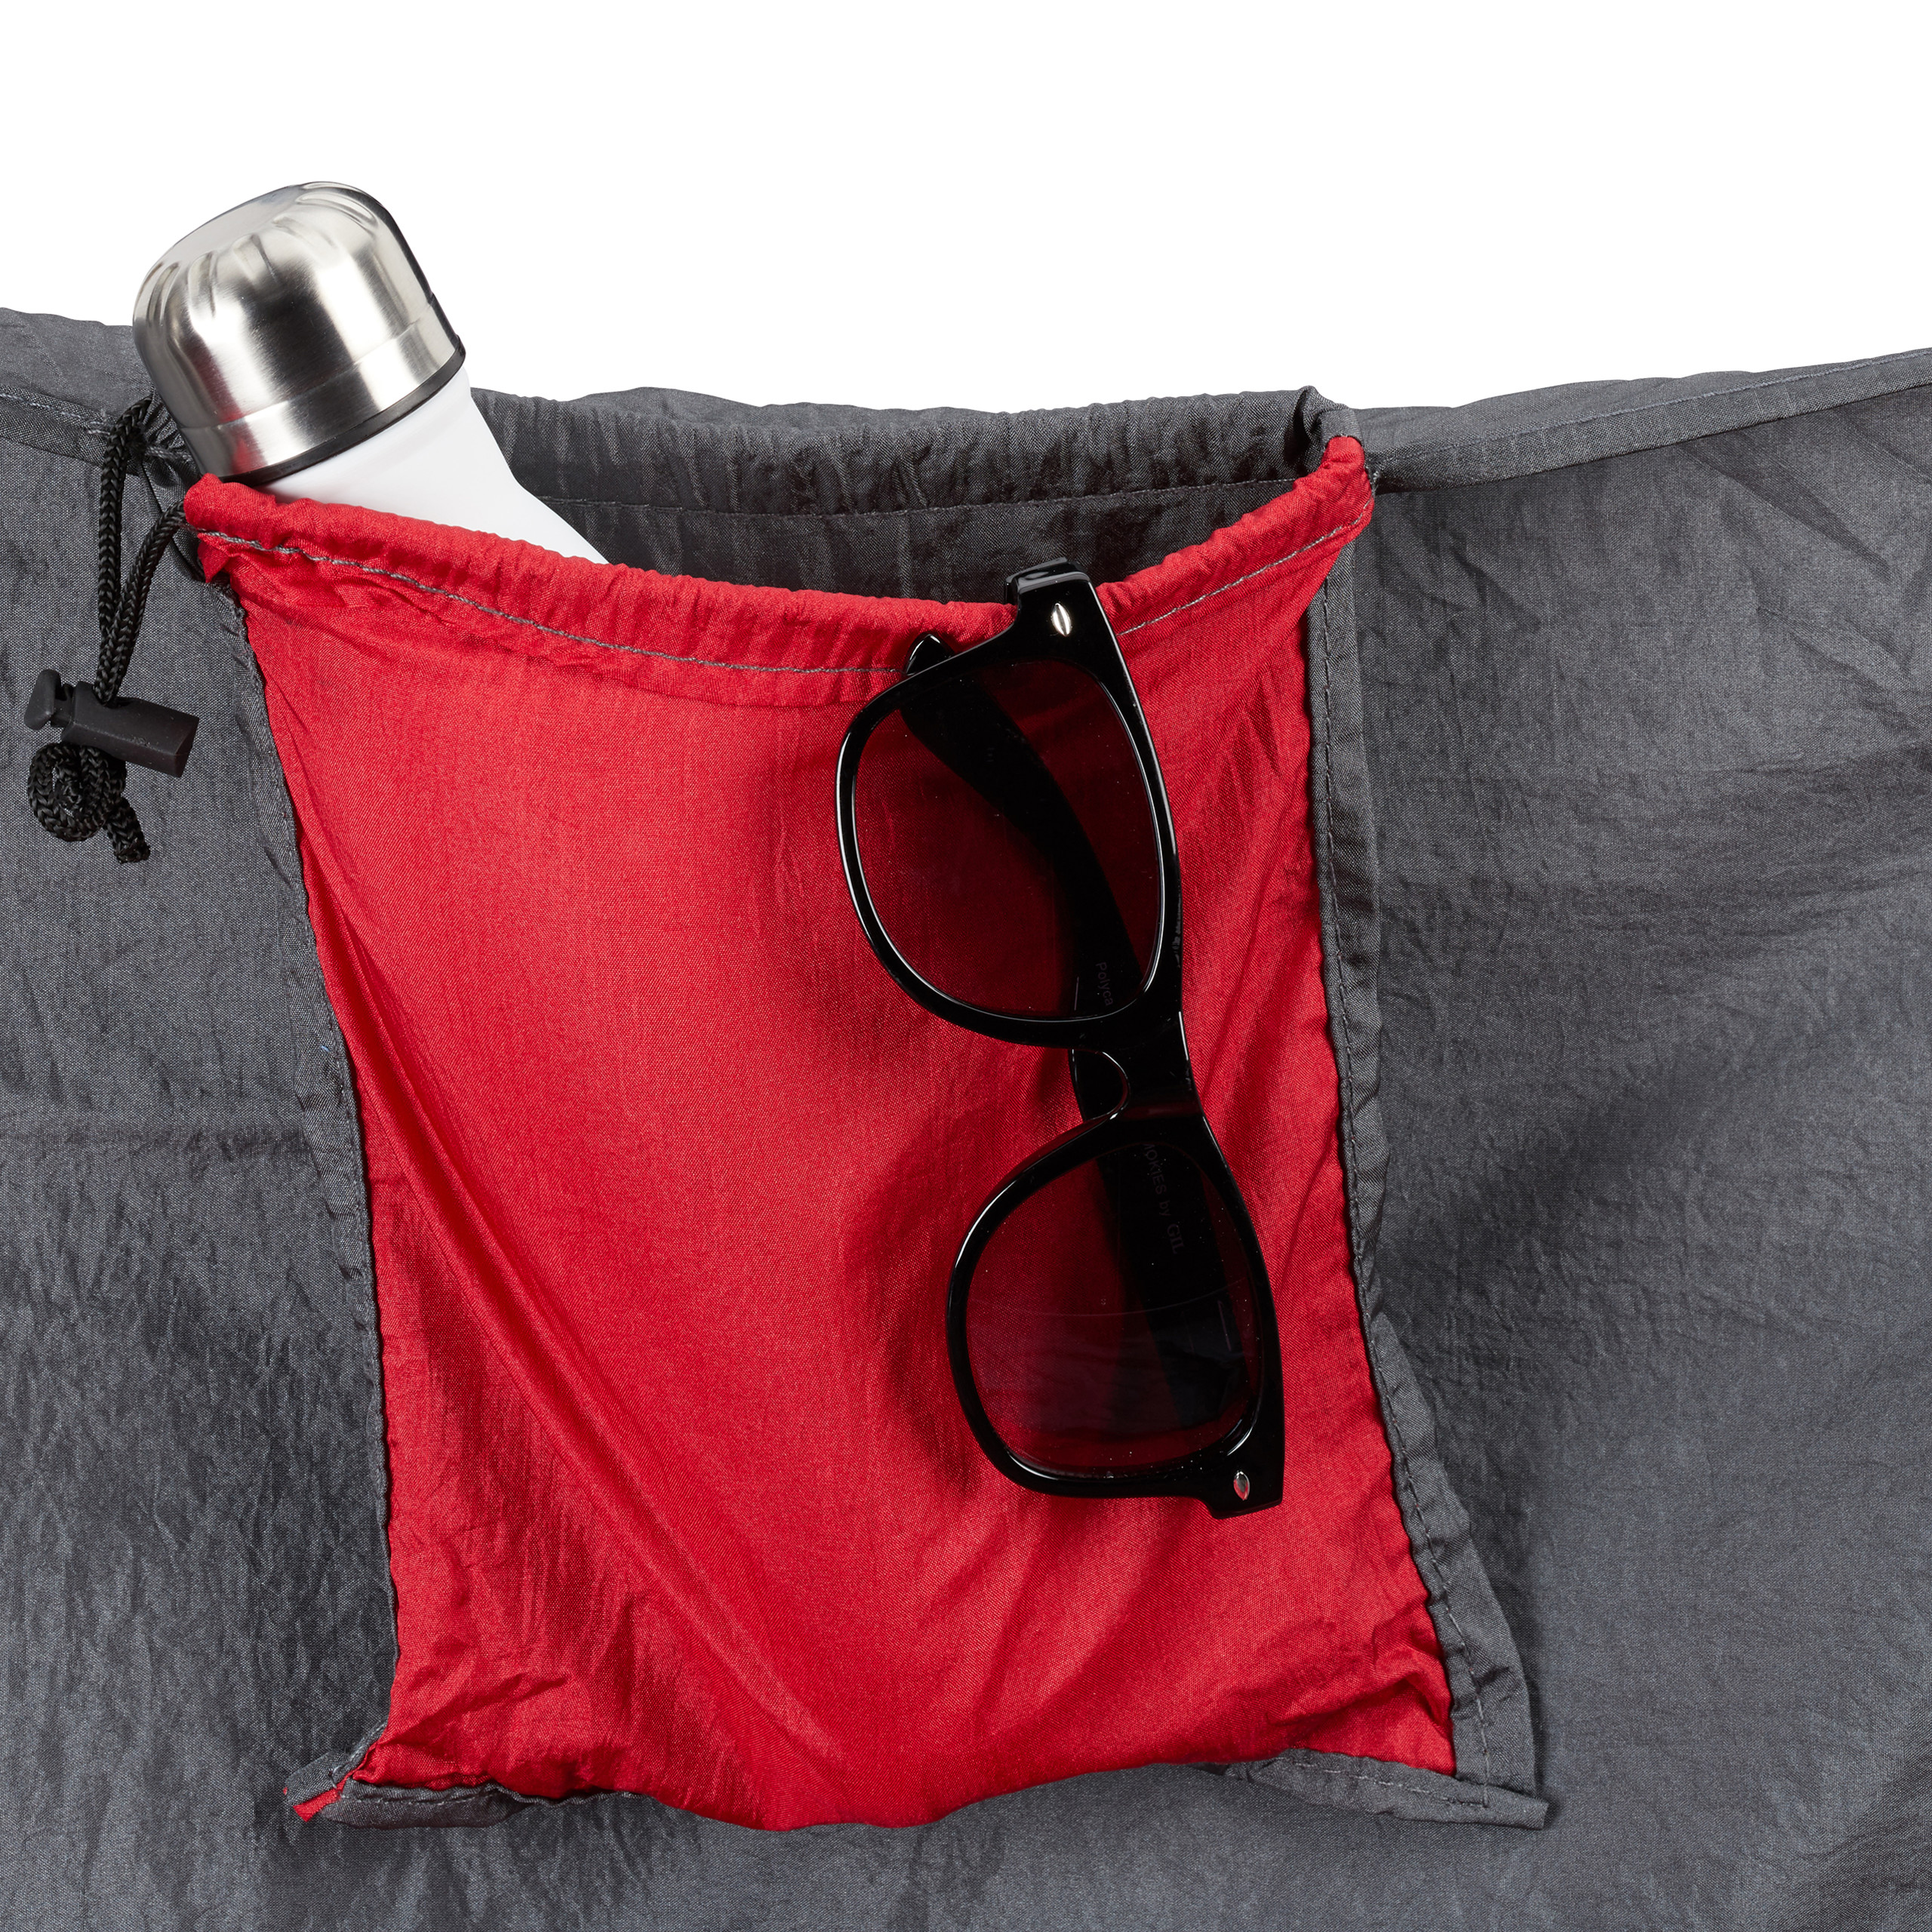 Hängematte Outdoor ultraleicht 2 Personen Reisehängematte XXL Campinghängematte